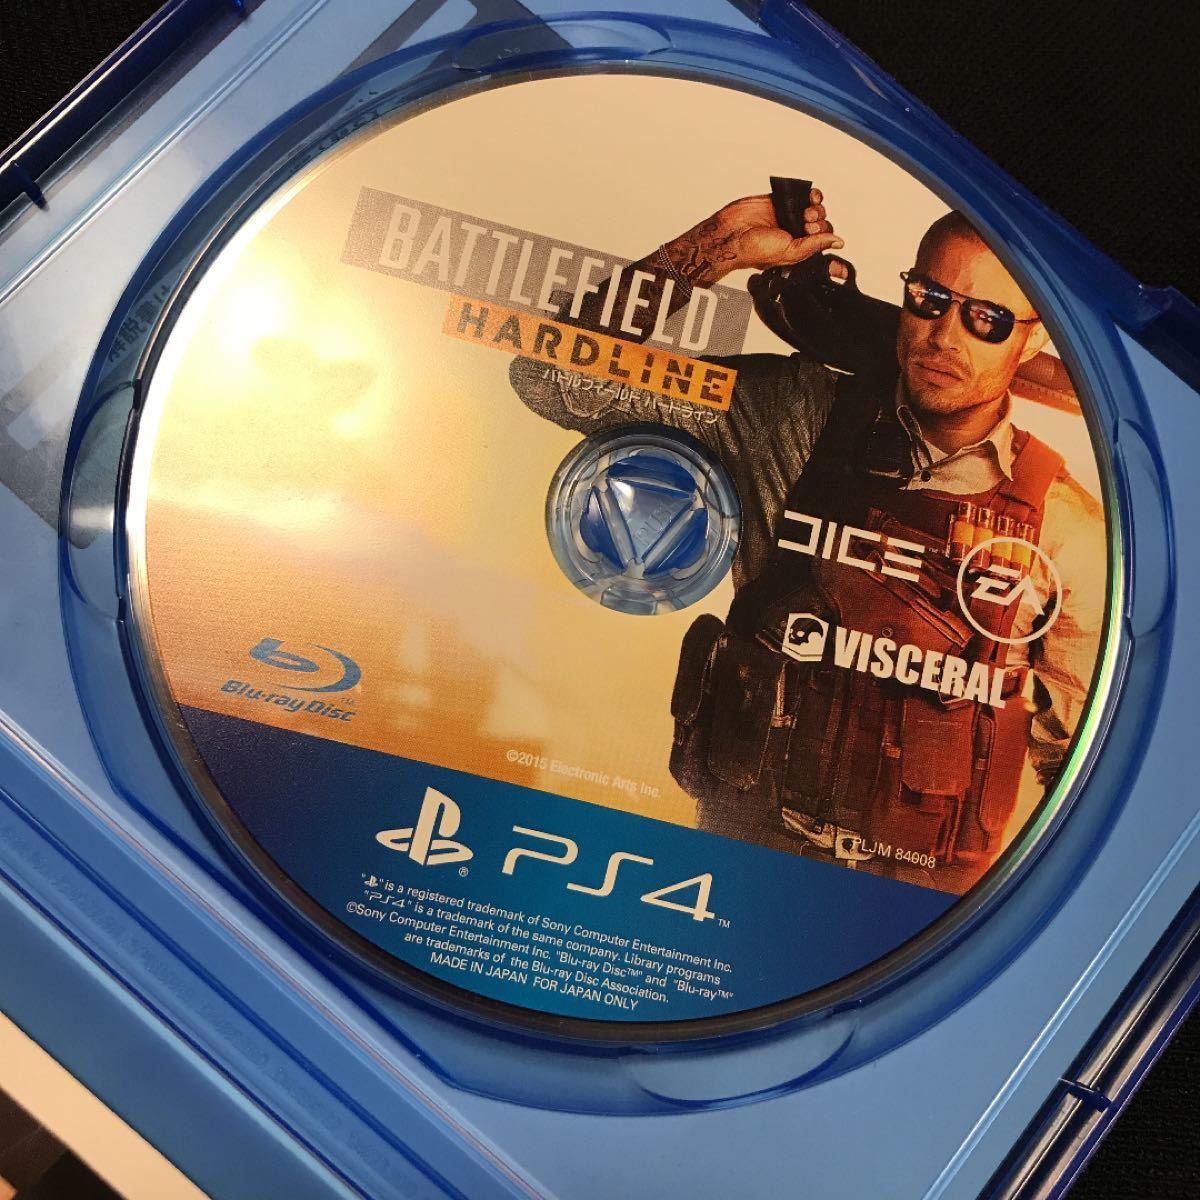 バトルフィールド ハードライン PS4